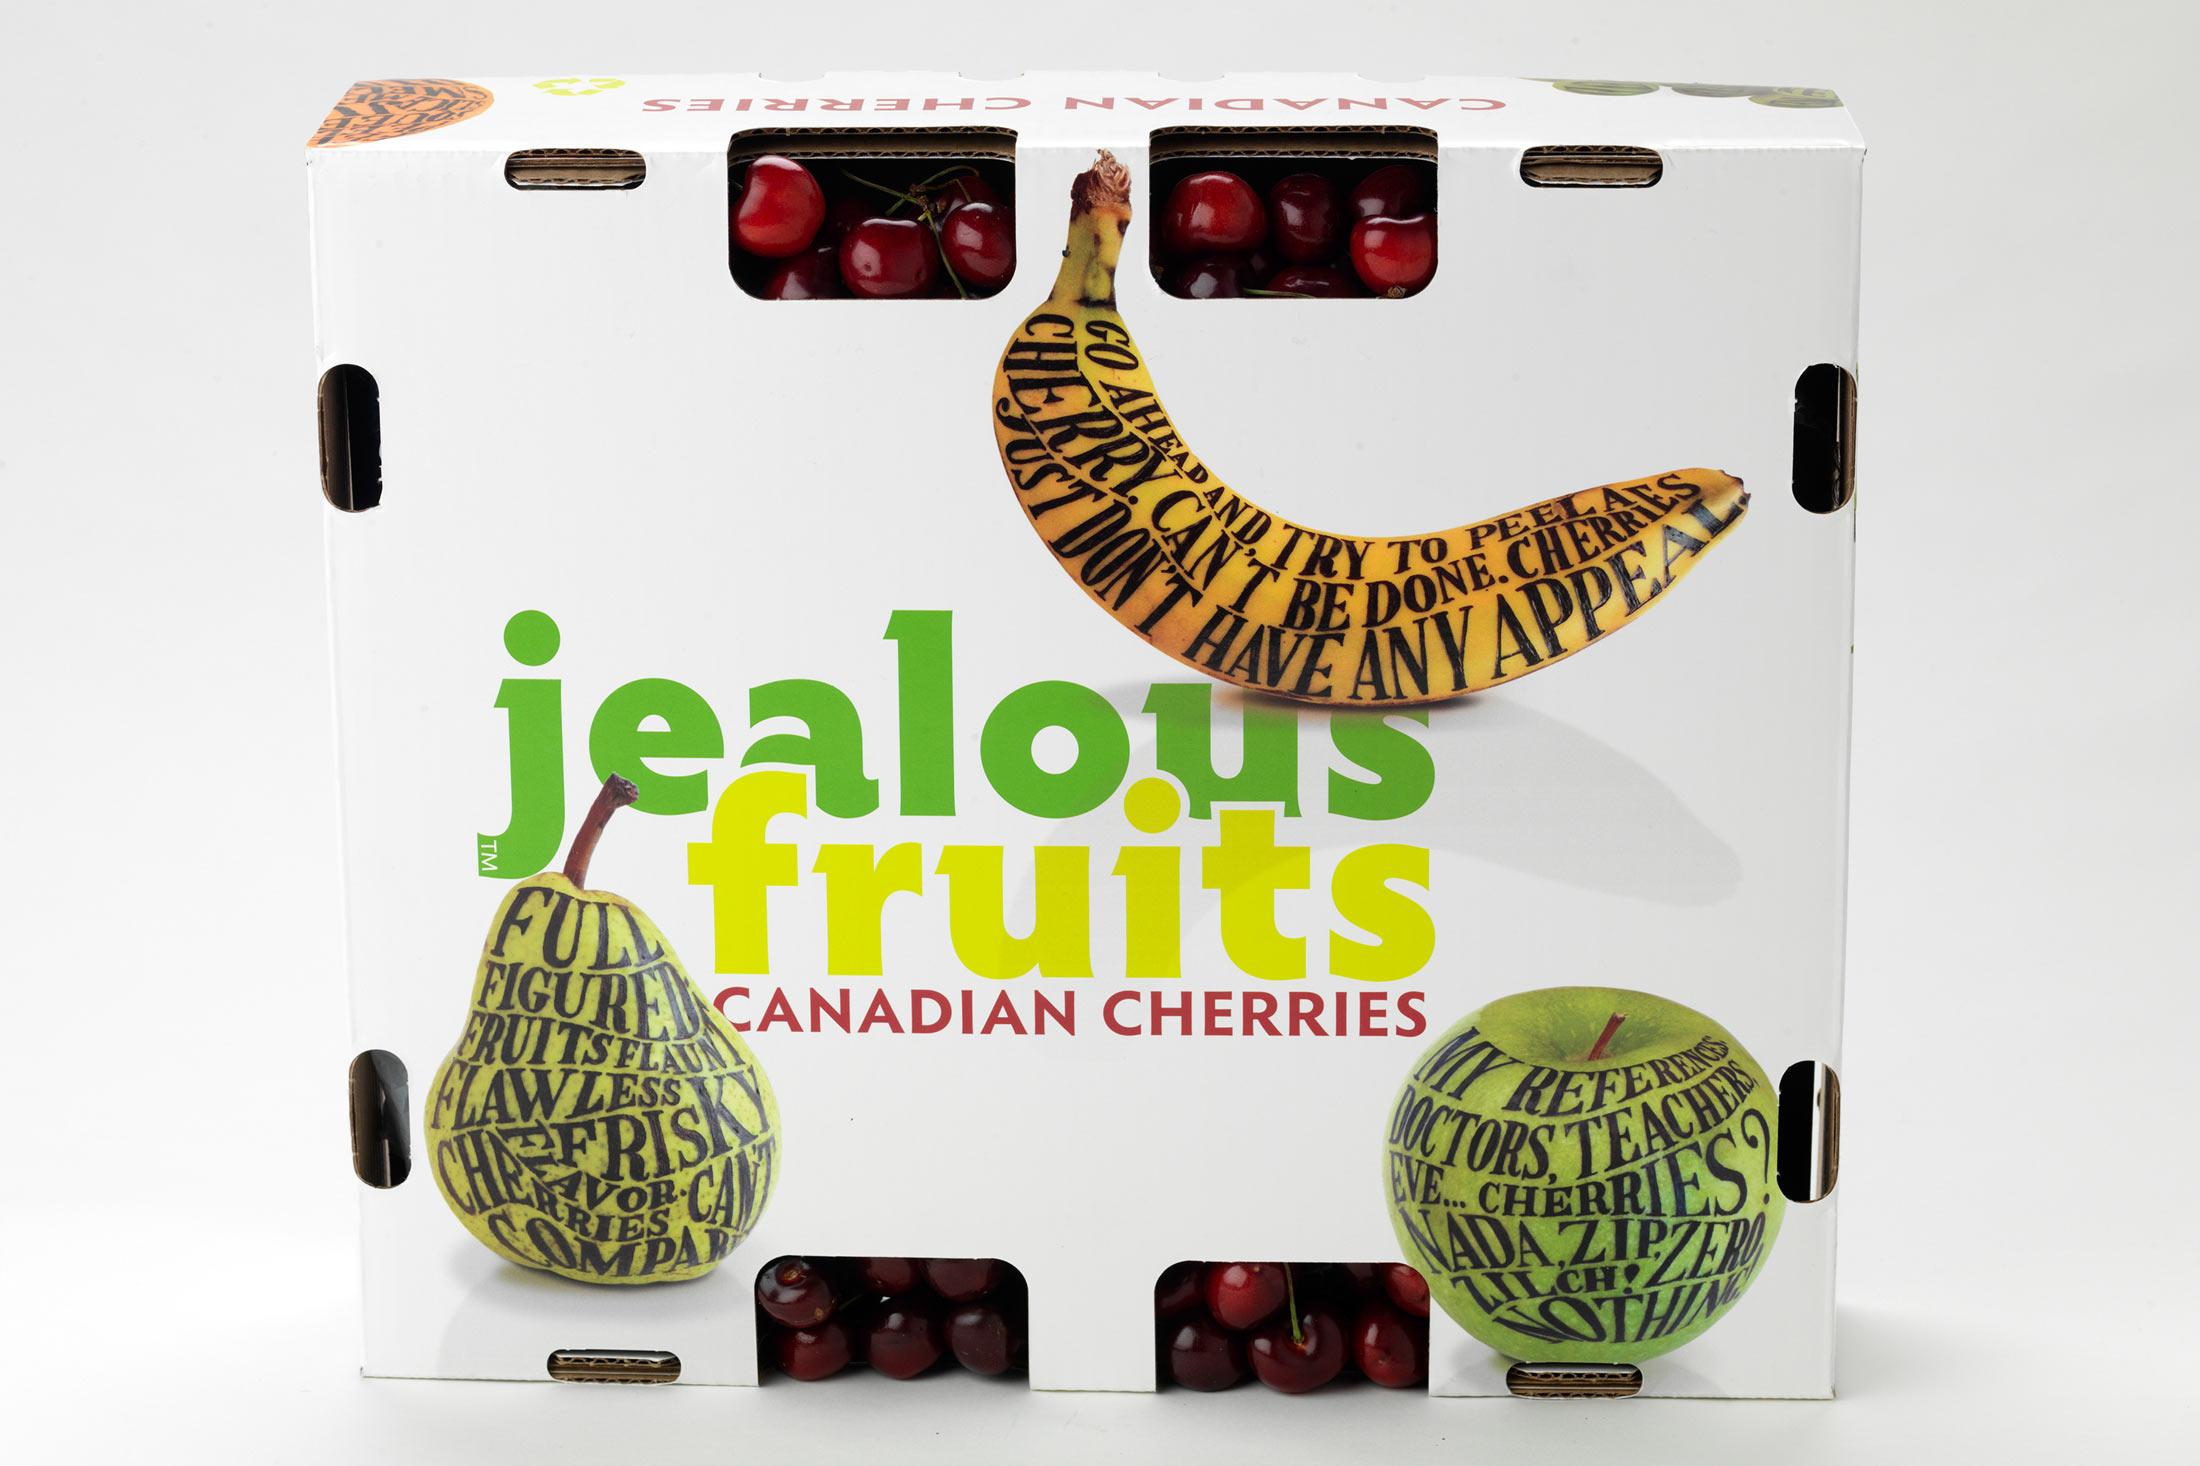 LaurieMillotte-Jealous-Fruits-2.jpg